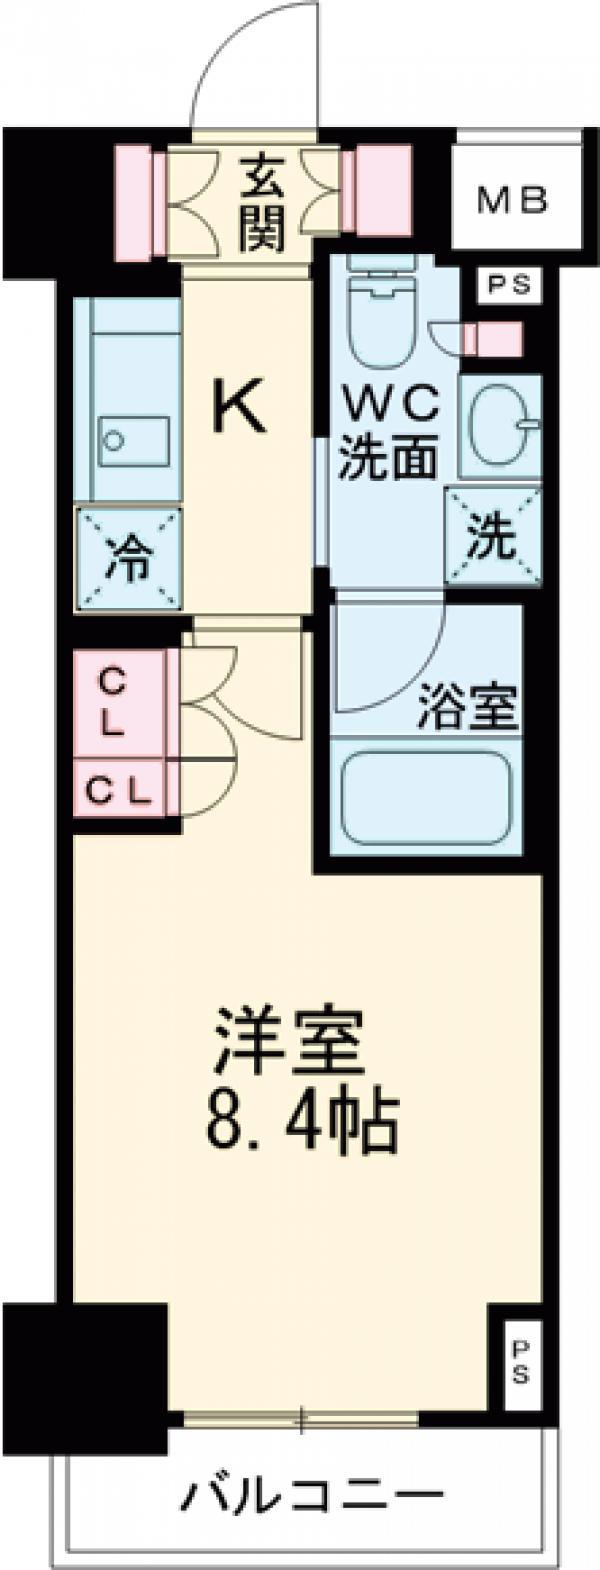 プラウドフラット西早稲田・604号室の間取り